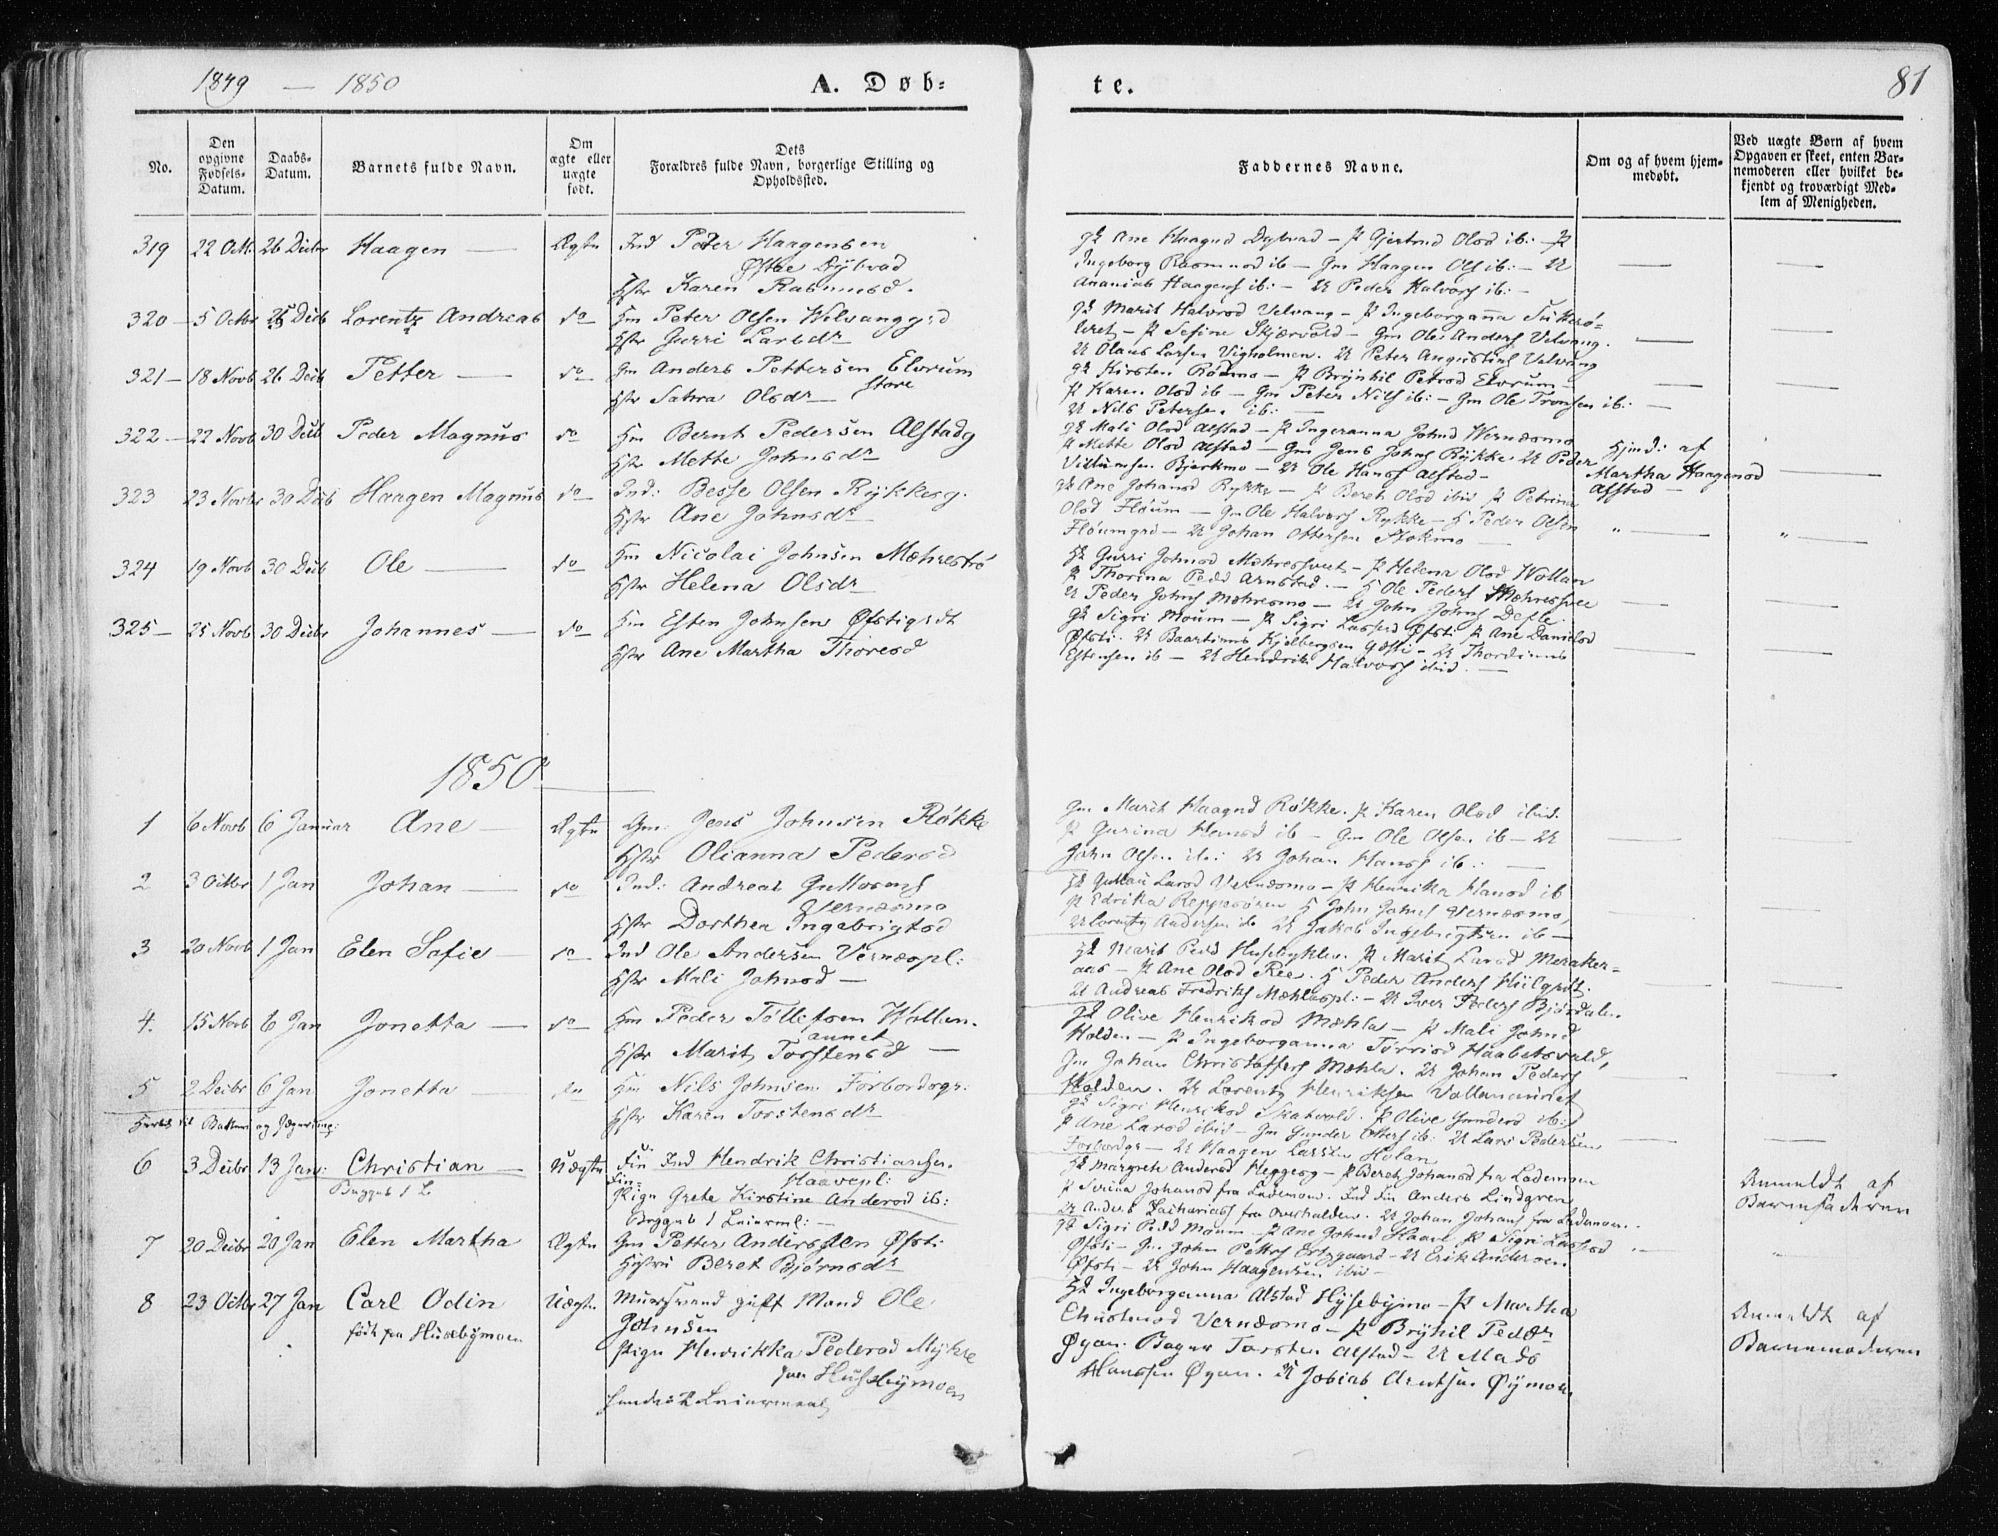 SAT, Ministerialprotokoller, klokkerbøker og fødselsregistre - Nord-Trøndelag, 709/L0074: Ministerialbok nr. 709A14, 1845-1858, s. 81